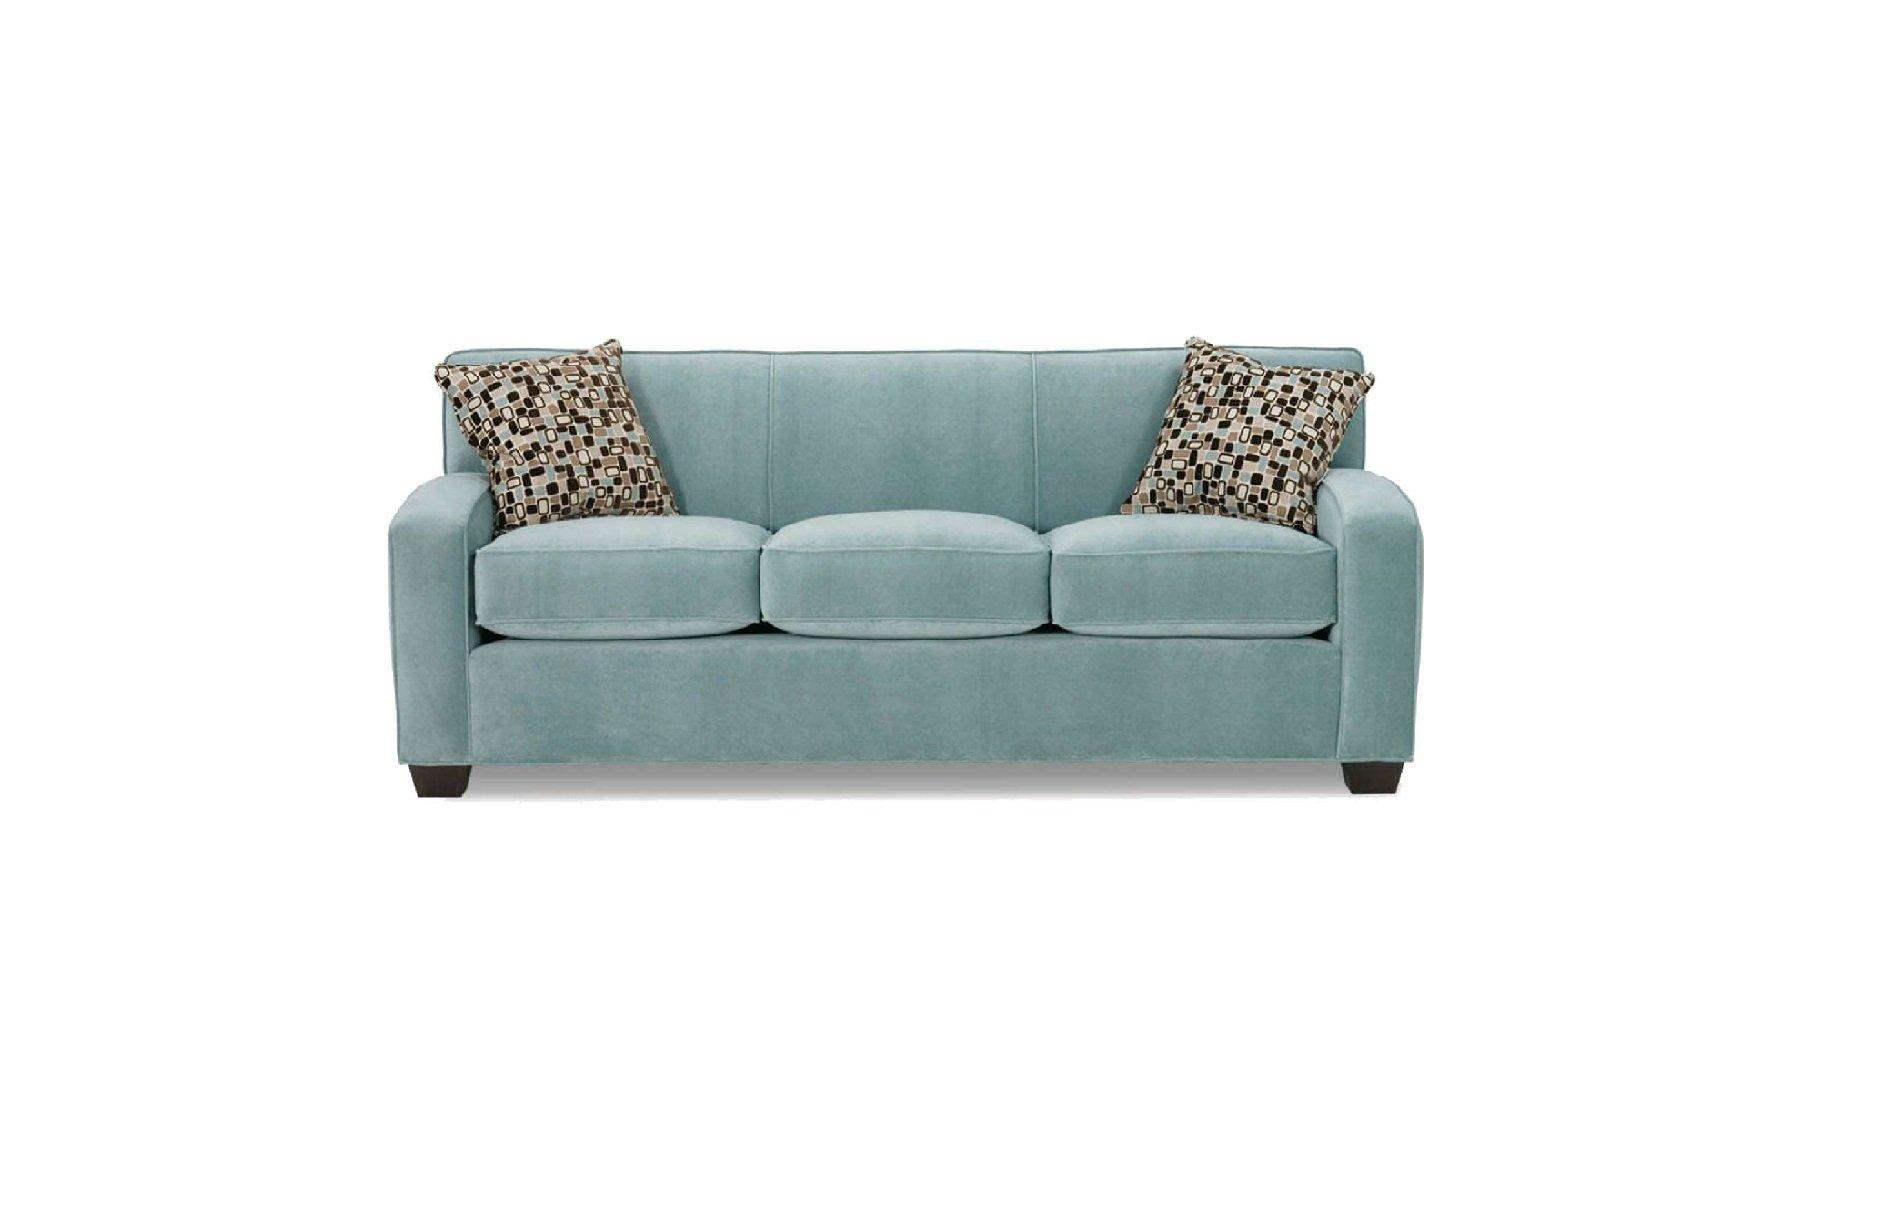 Rowe Horizon Sofa